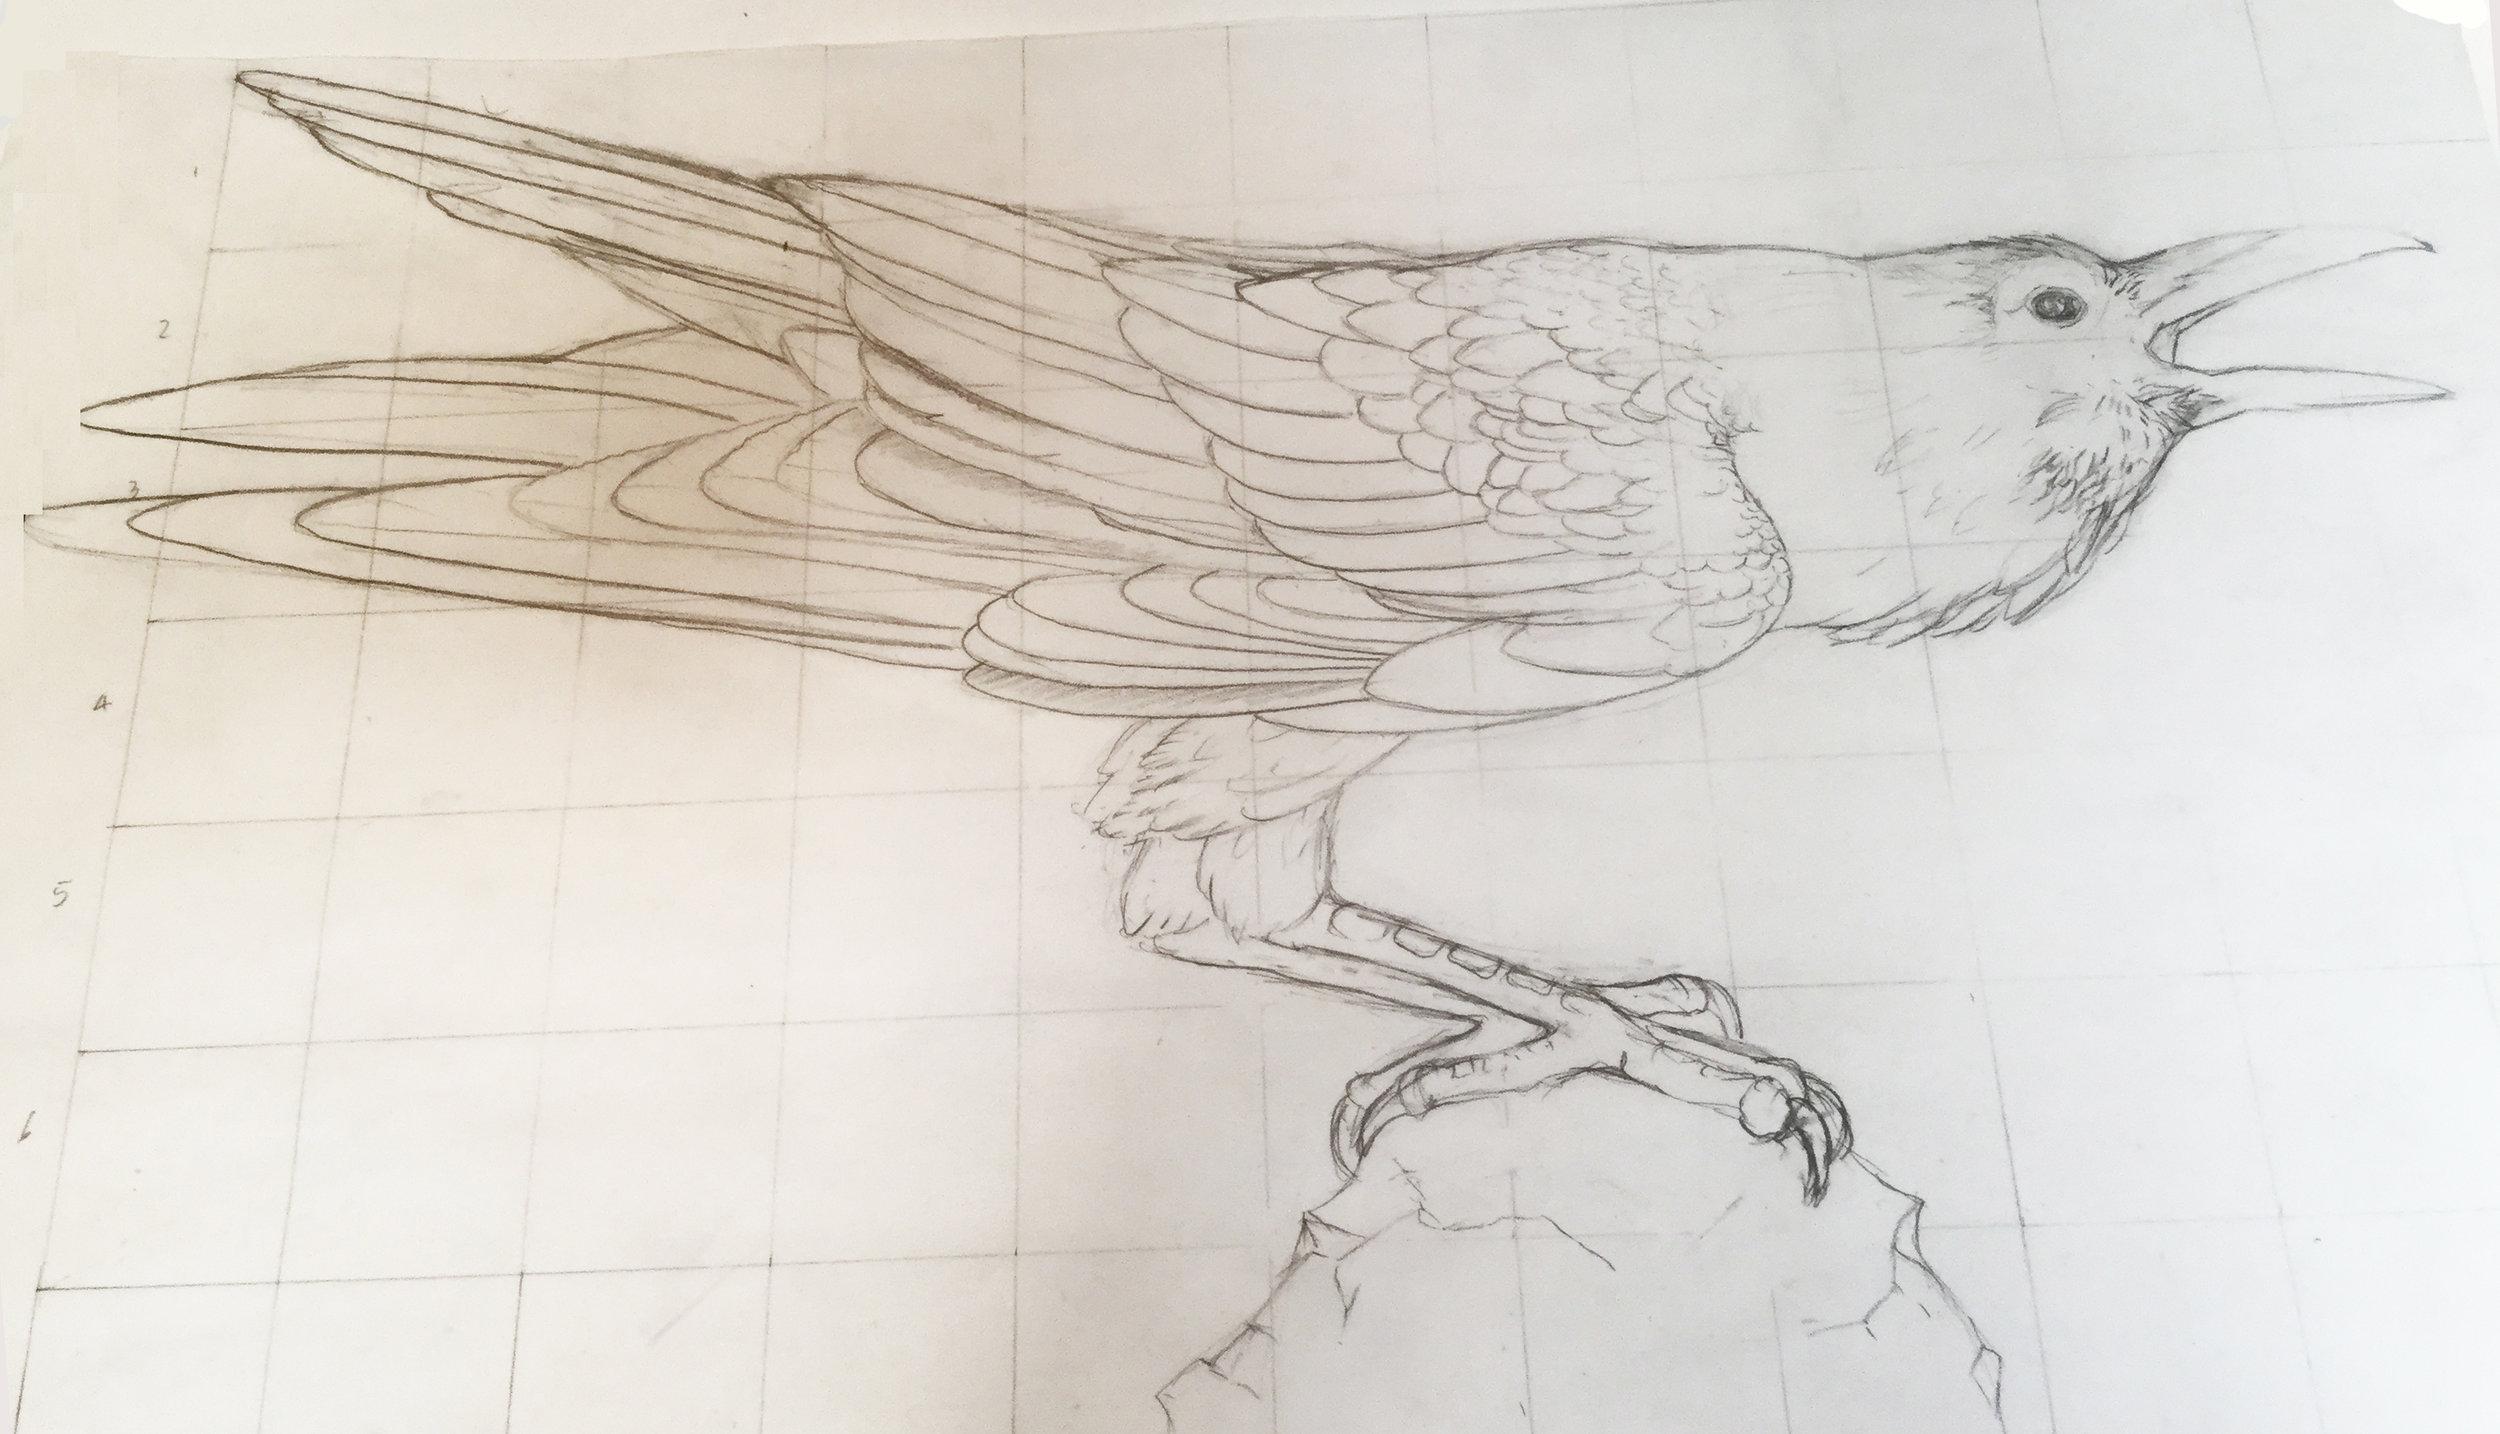 Profile of Raven design